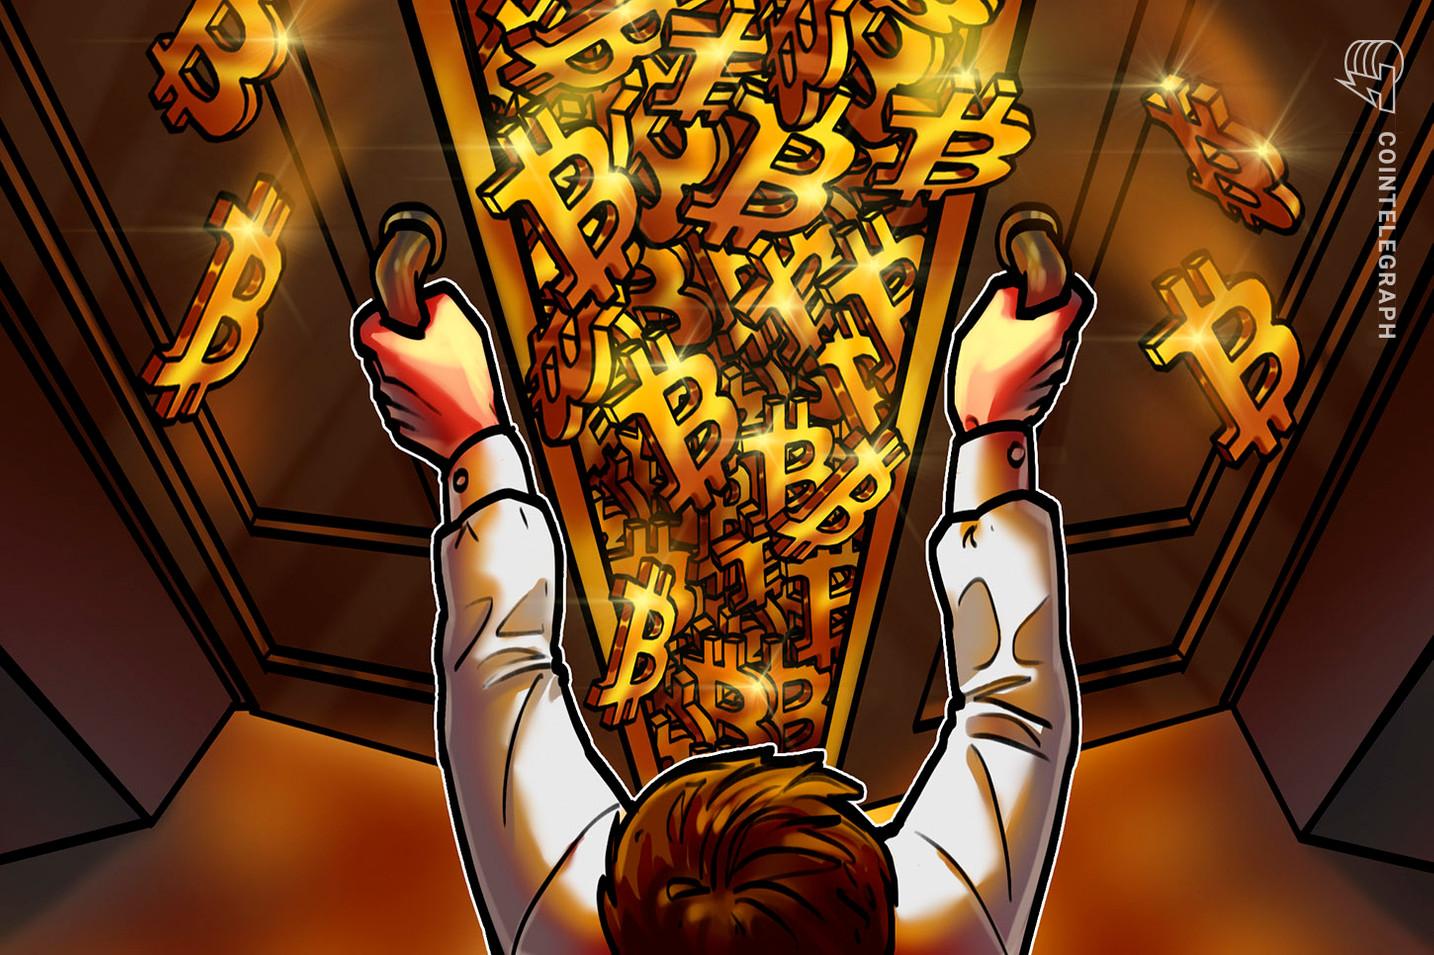 Más empresas podrían adoptar Bitcoin mientras evidencian preocupaciones sobre la inflación